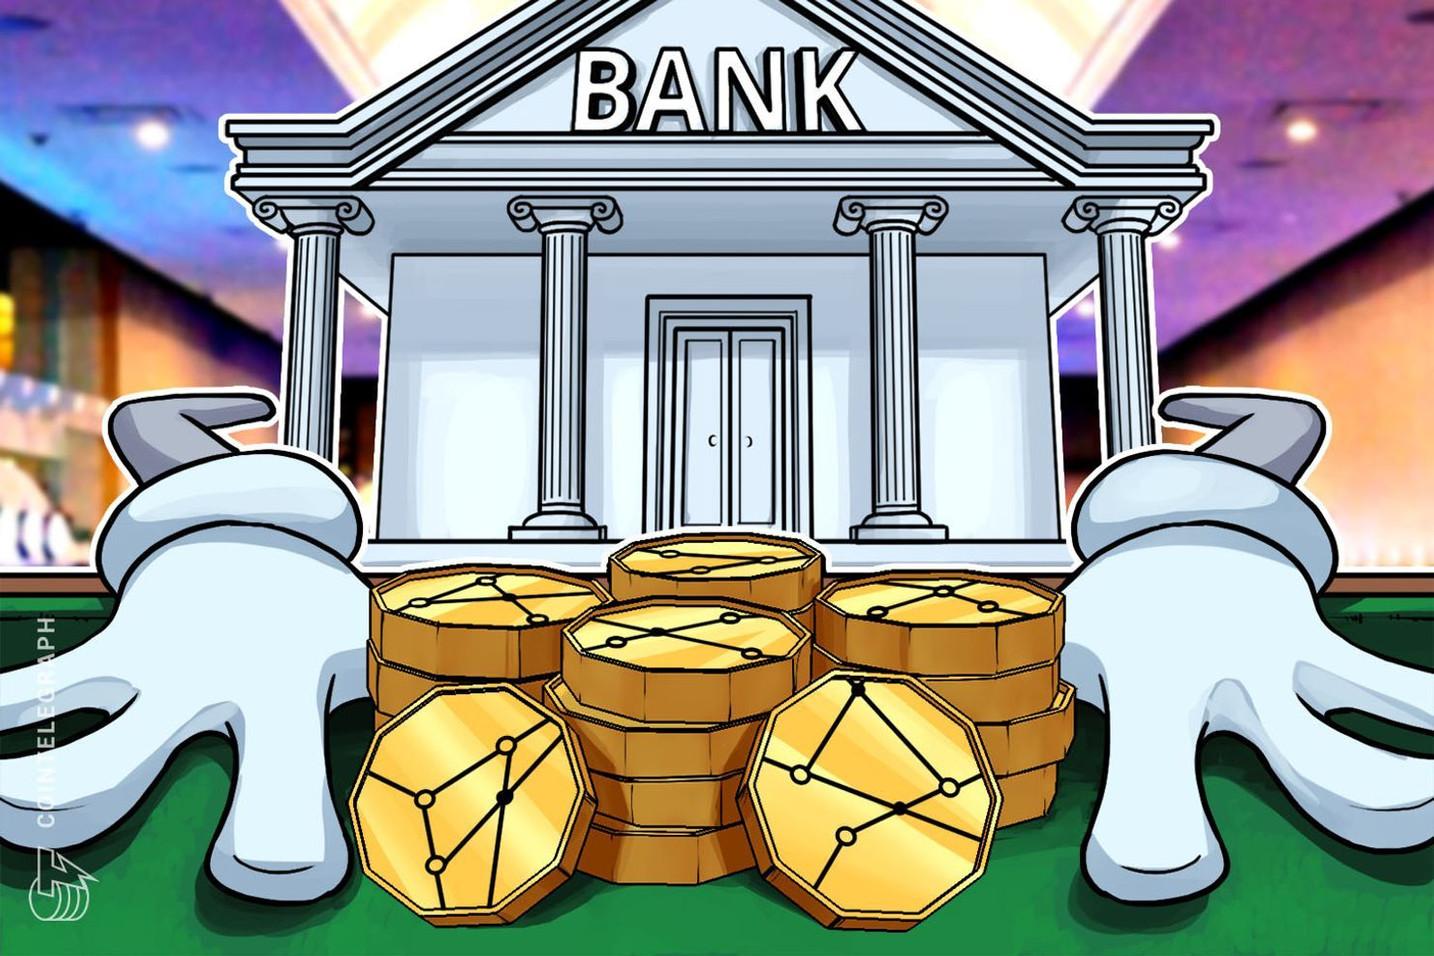 リップルやアリババから驚異感じず?「仮想通貨は危険」発言で国際送金システムSWIFTのCEOが孤立